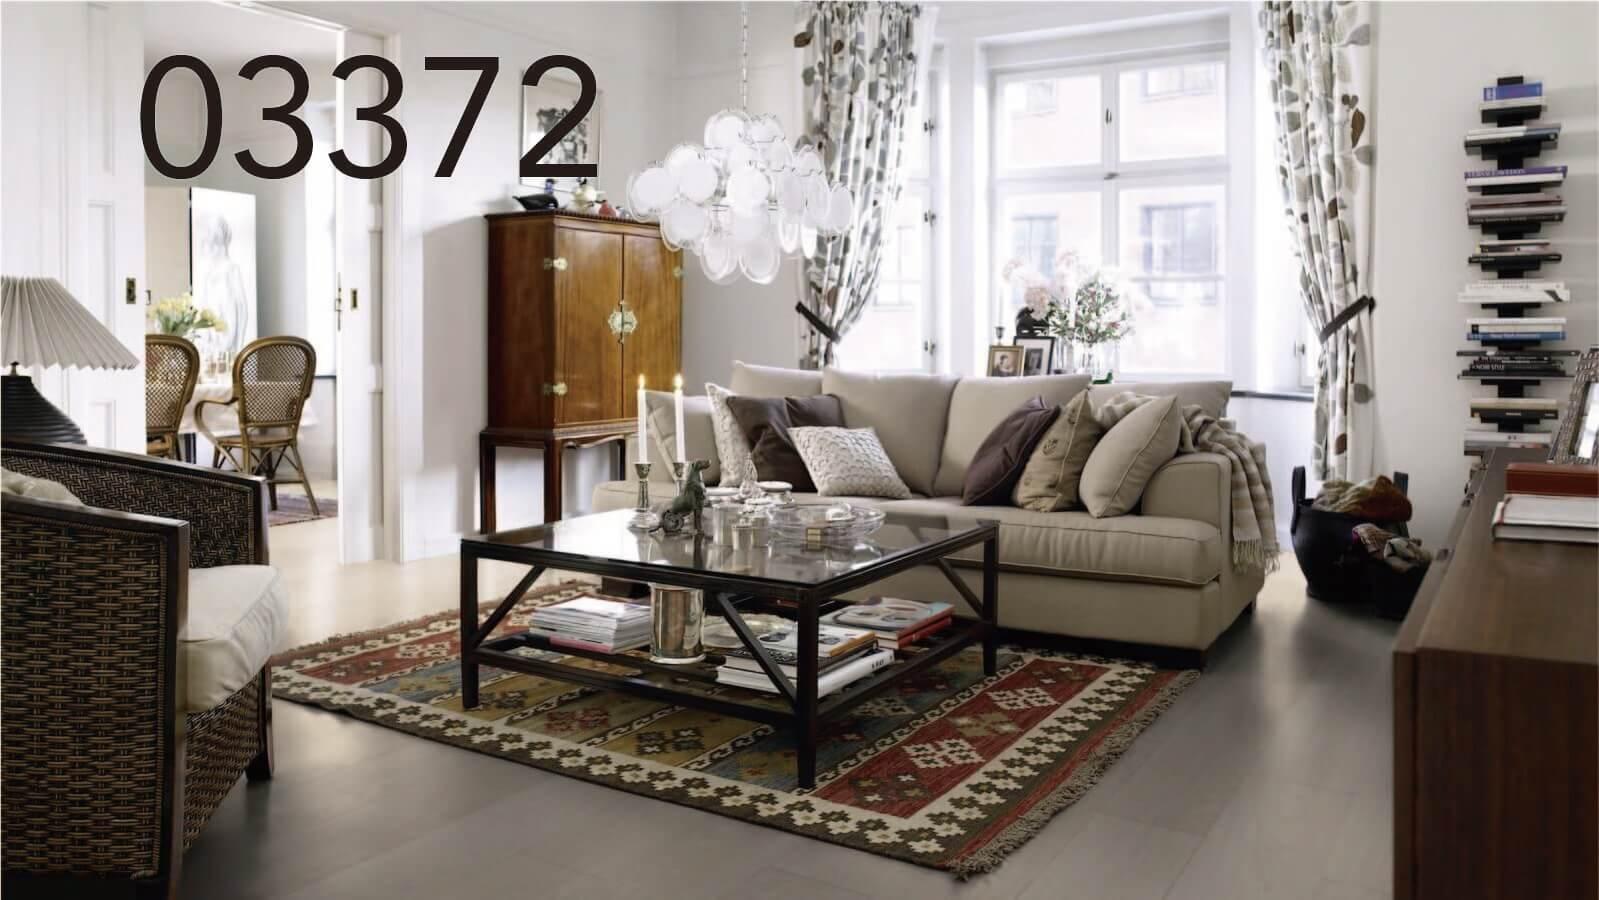 L0331-03372丹麥淺橡